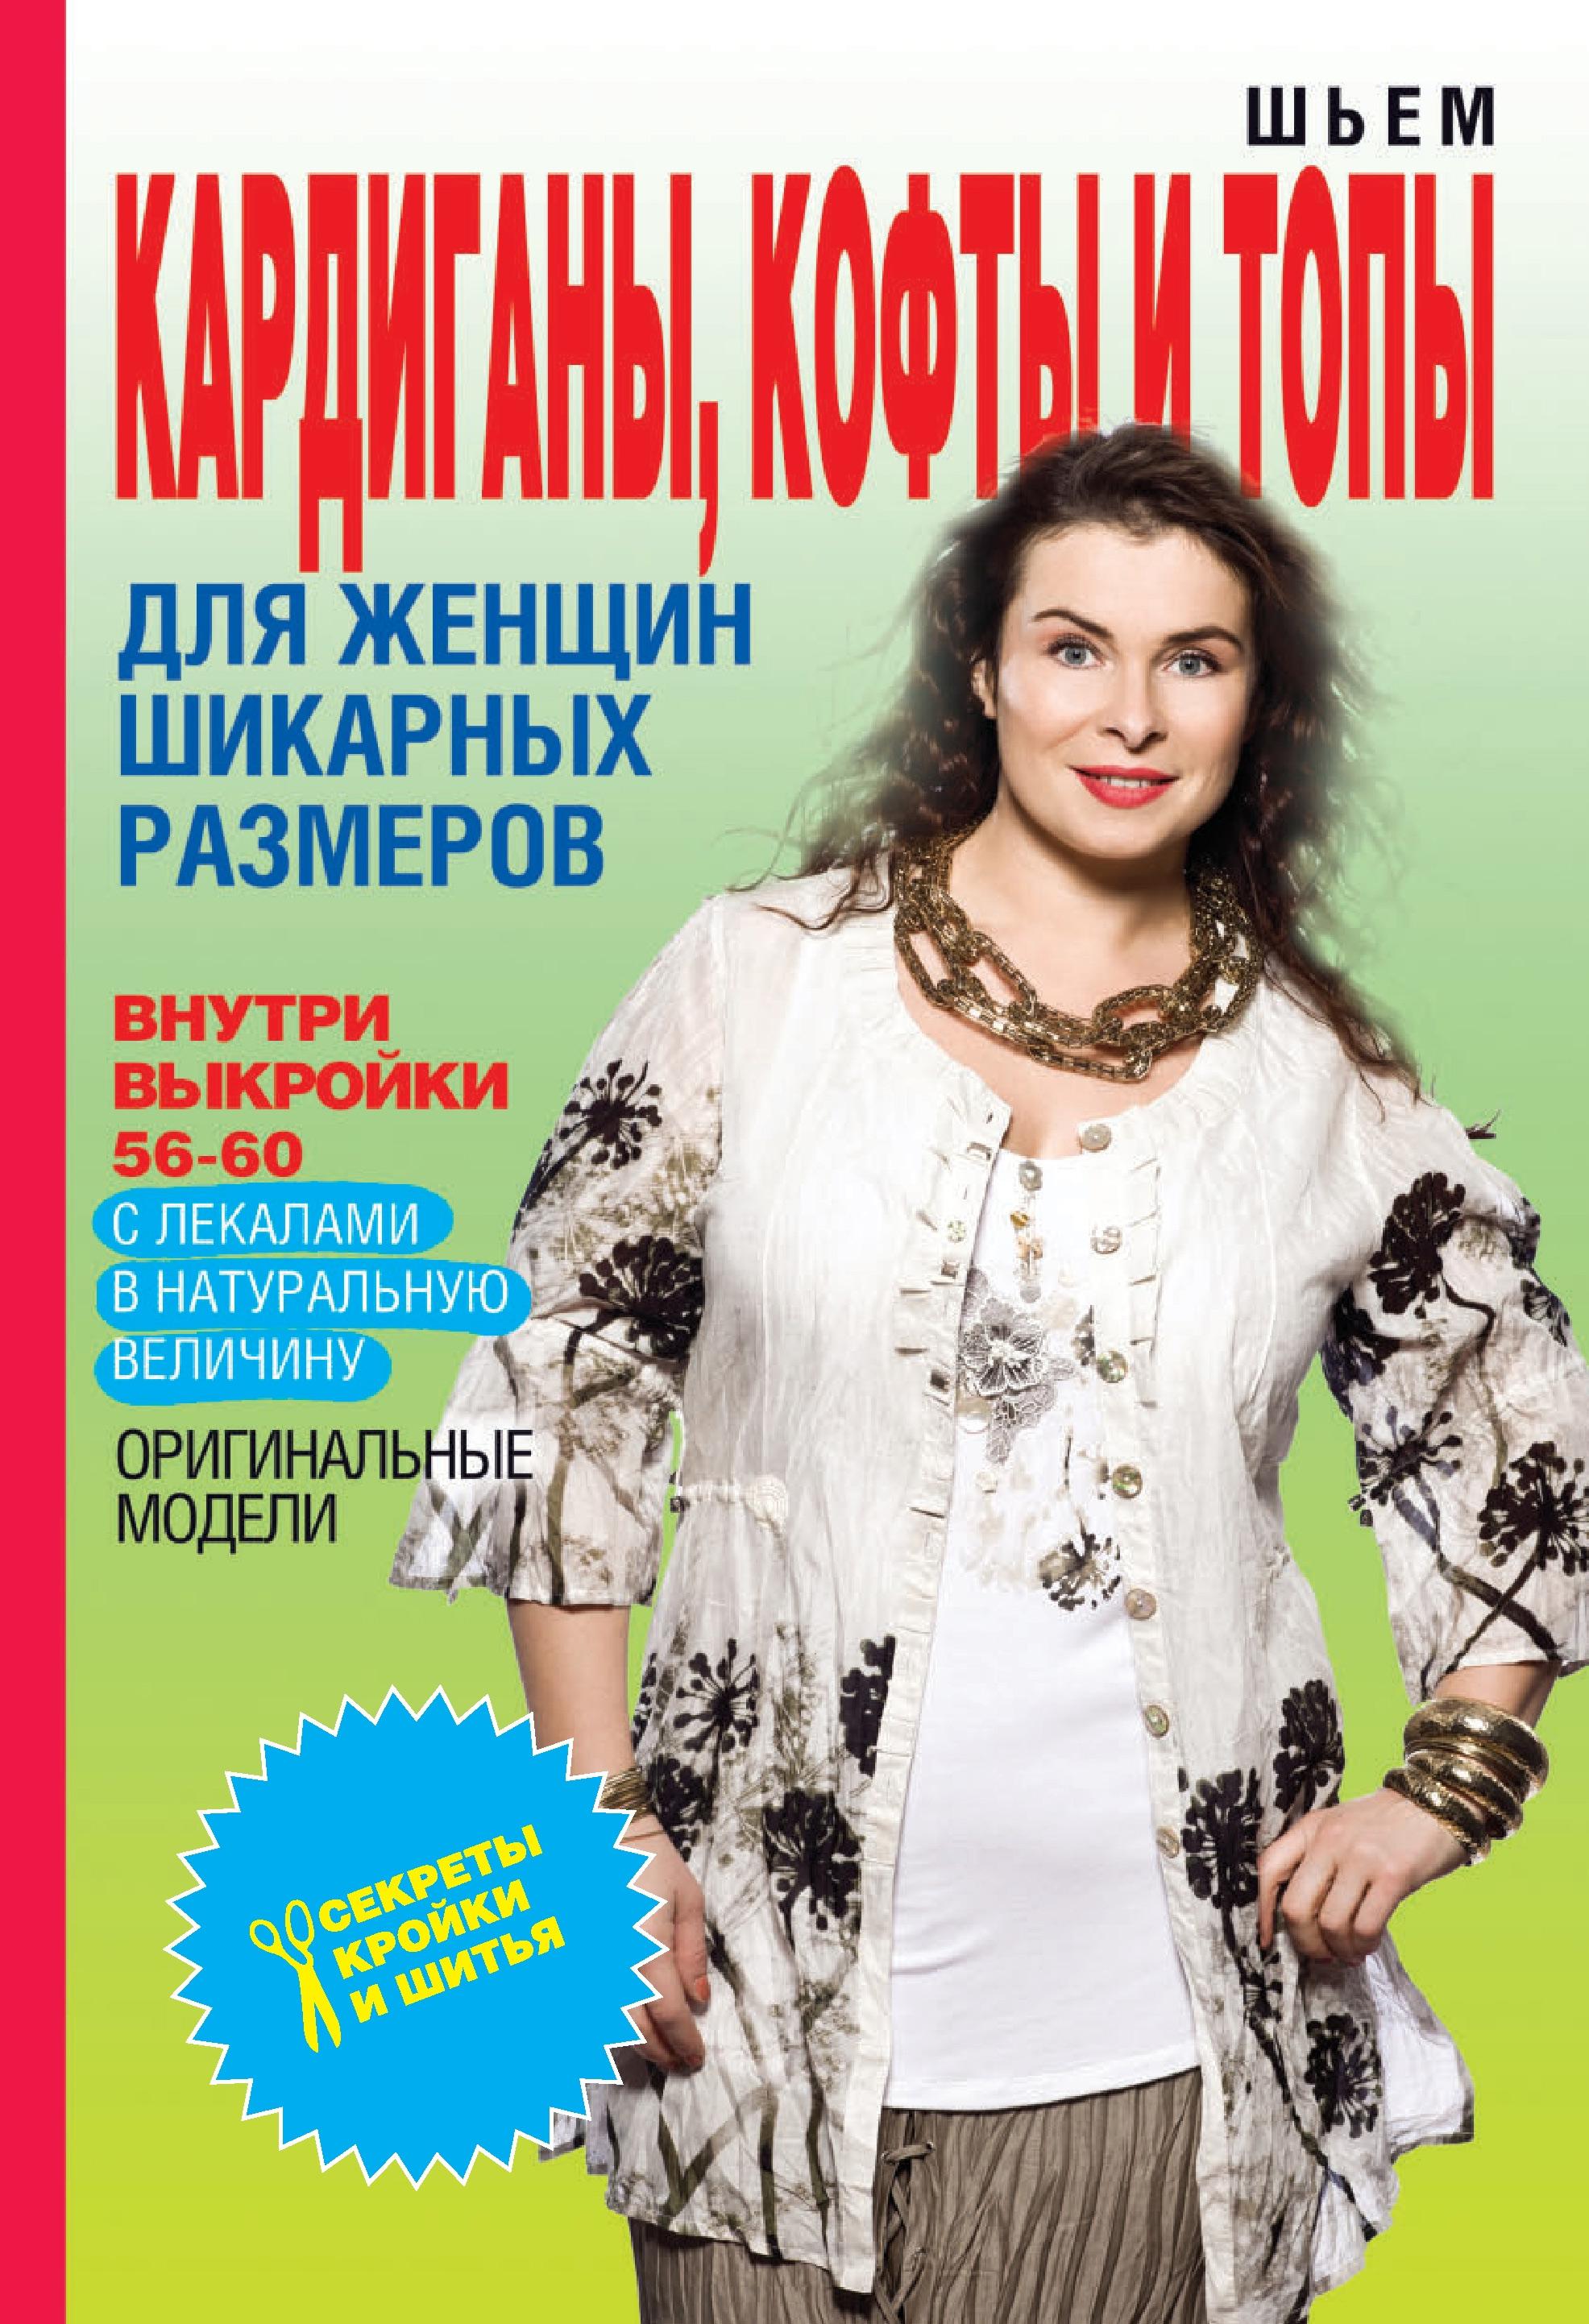 О. В. Яковлева Шьем кардиганы, кофты и топы для женщин шикарных размеров